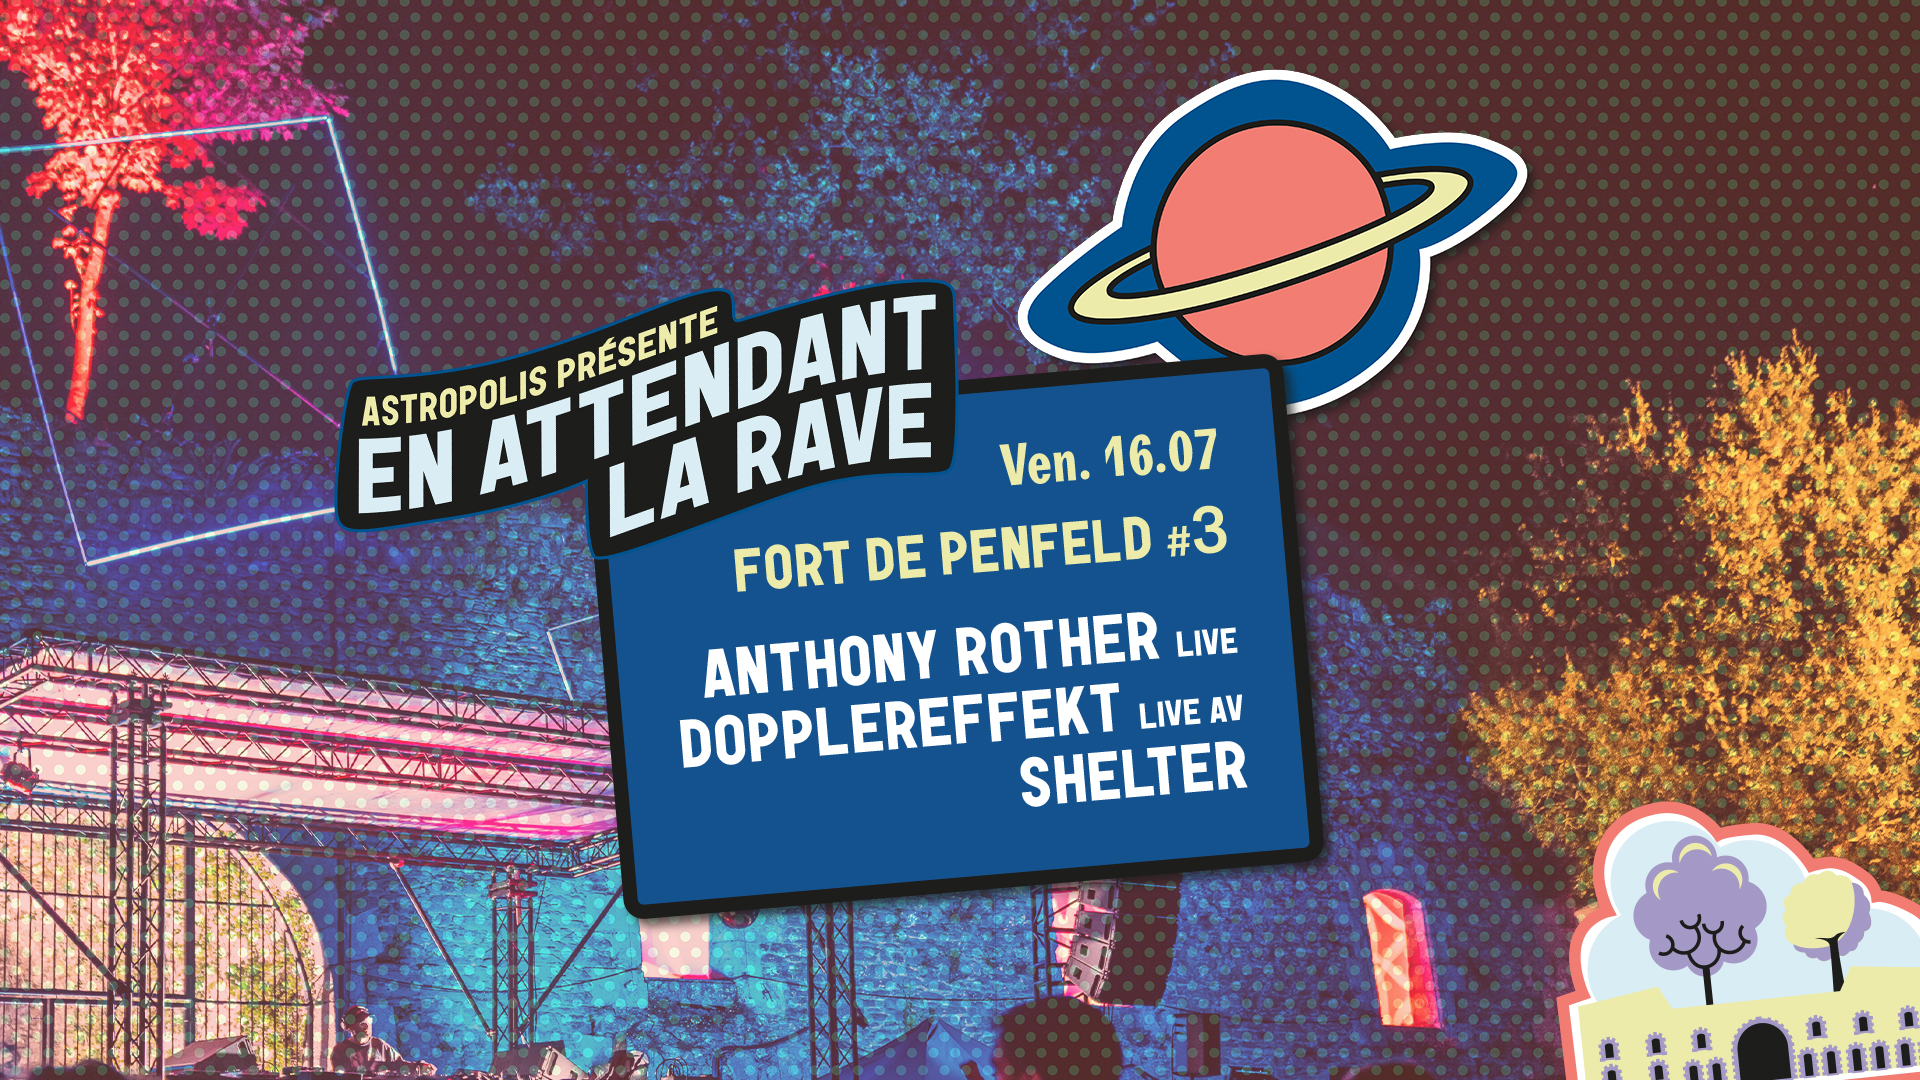 16/07 - Fort de Penfeld #3 : Dopplereffekt + Anthony Rother + Shelter